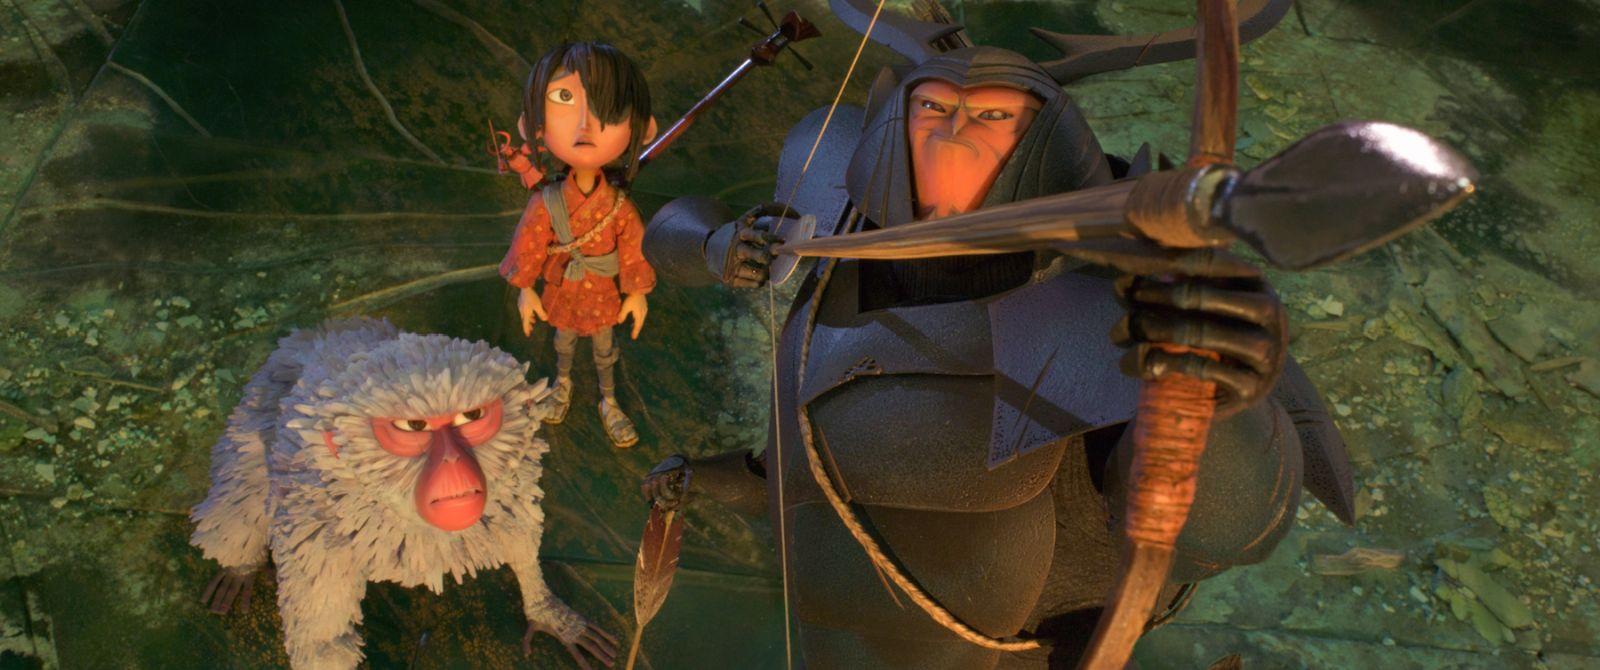 Kubo e la spada magica: un momento del film d'animazione